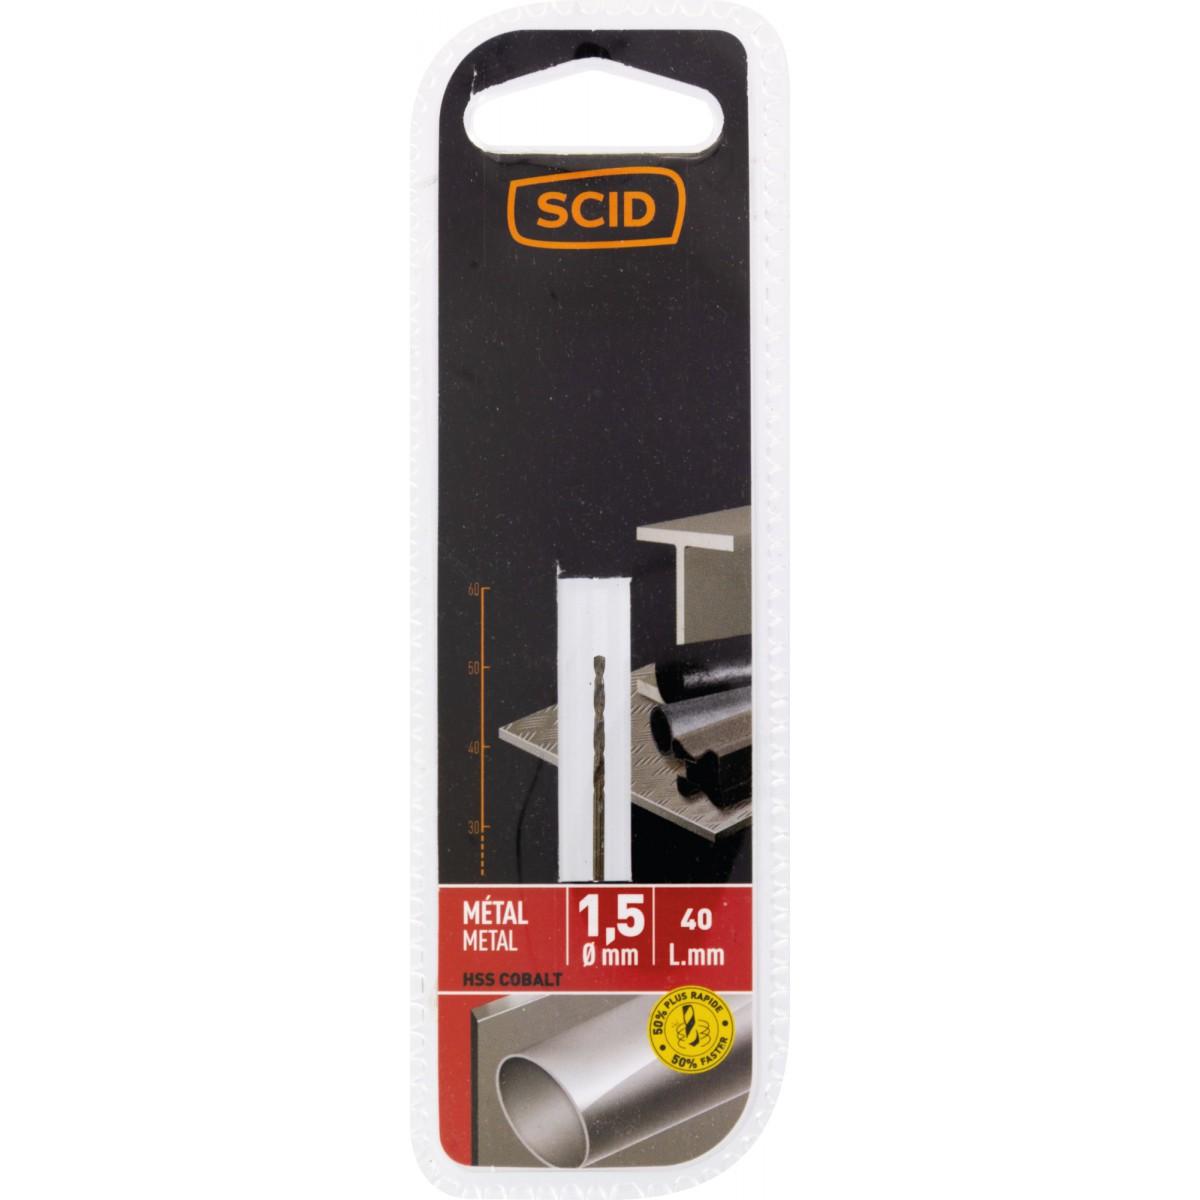 Foret métal HSS cobalt SCID - Longueur 40 mm - Diamètre 1,5 mm